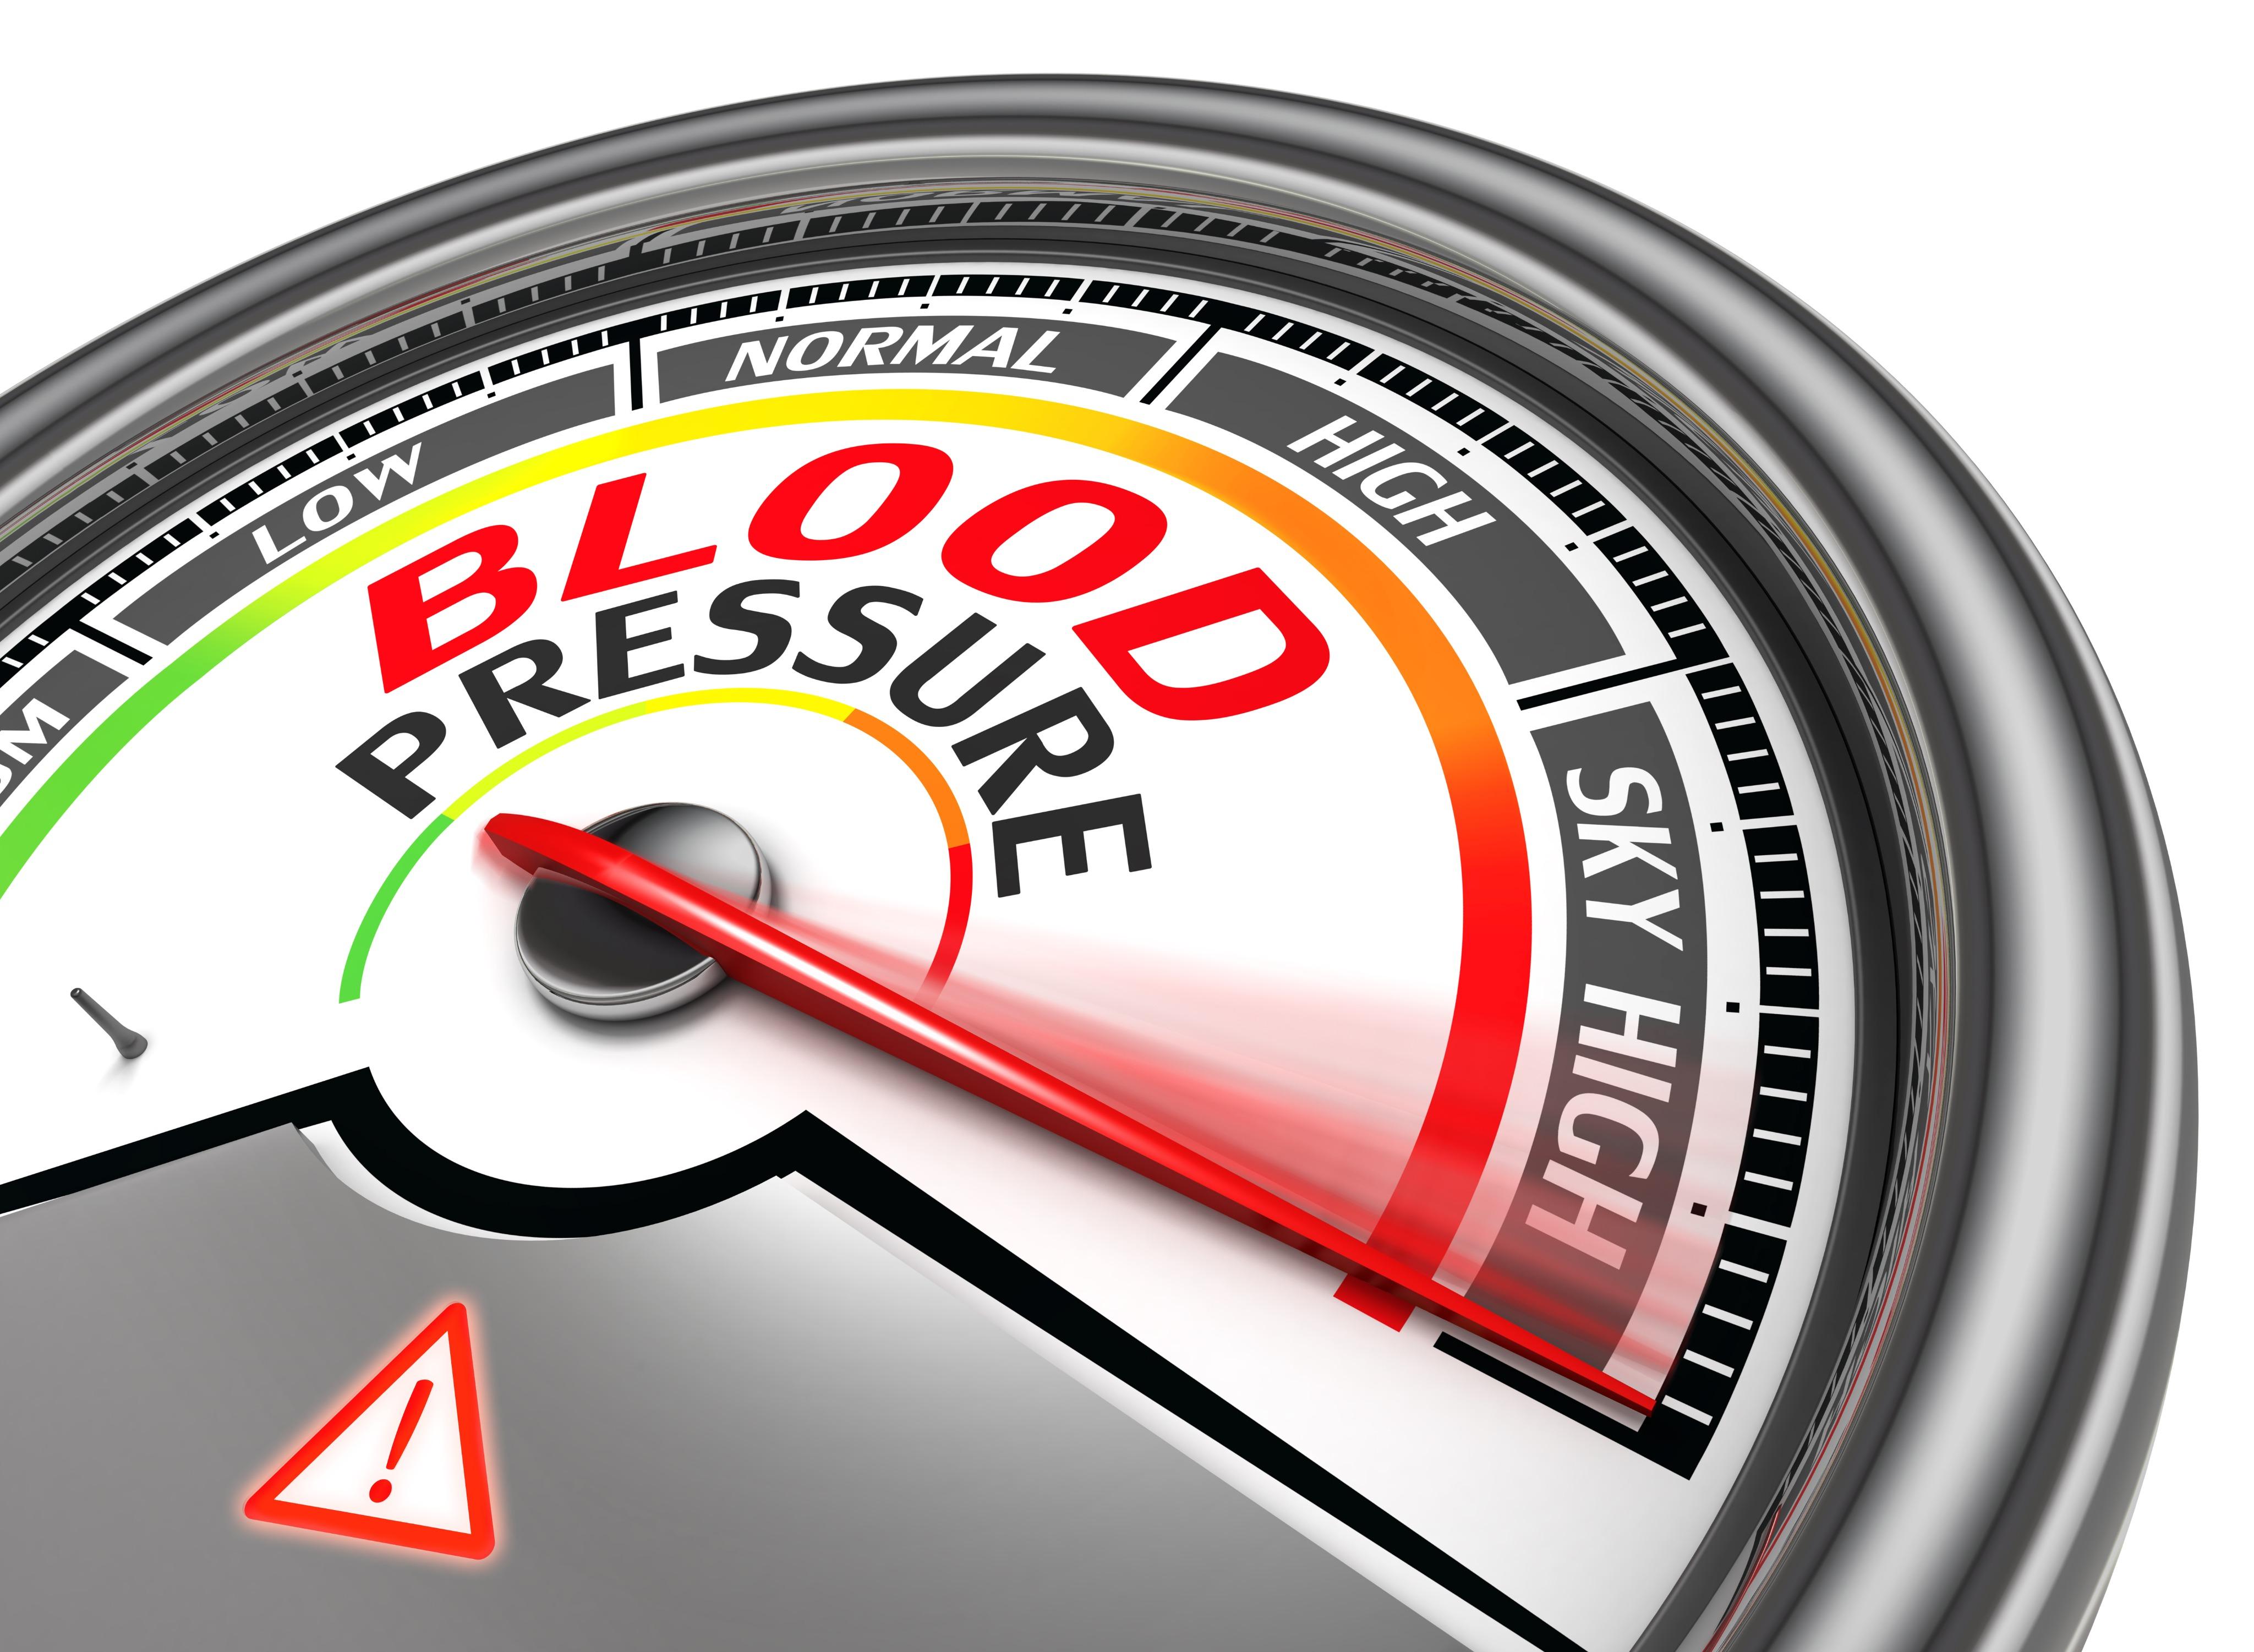 fém magas vérnyomás ellen terápiás böjt magas vérnyomás esetén